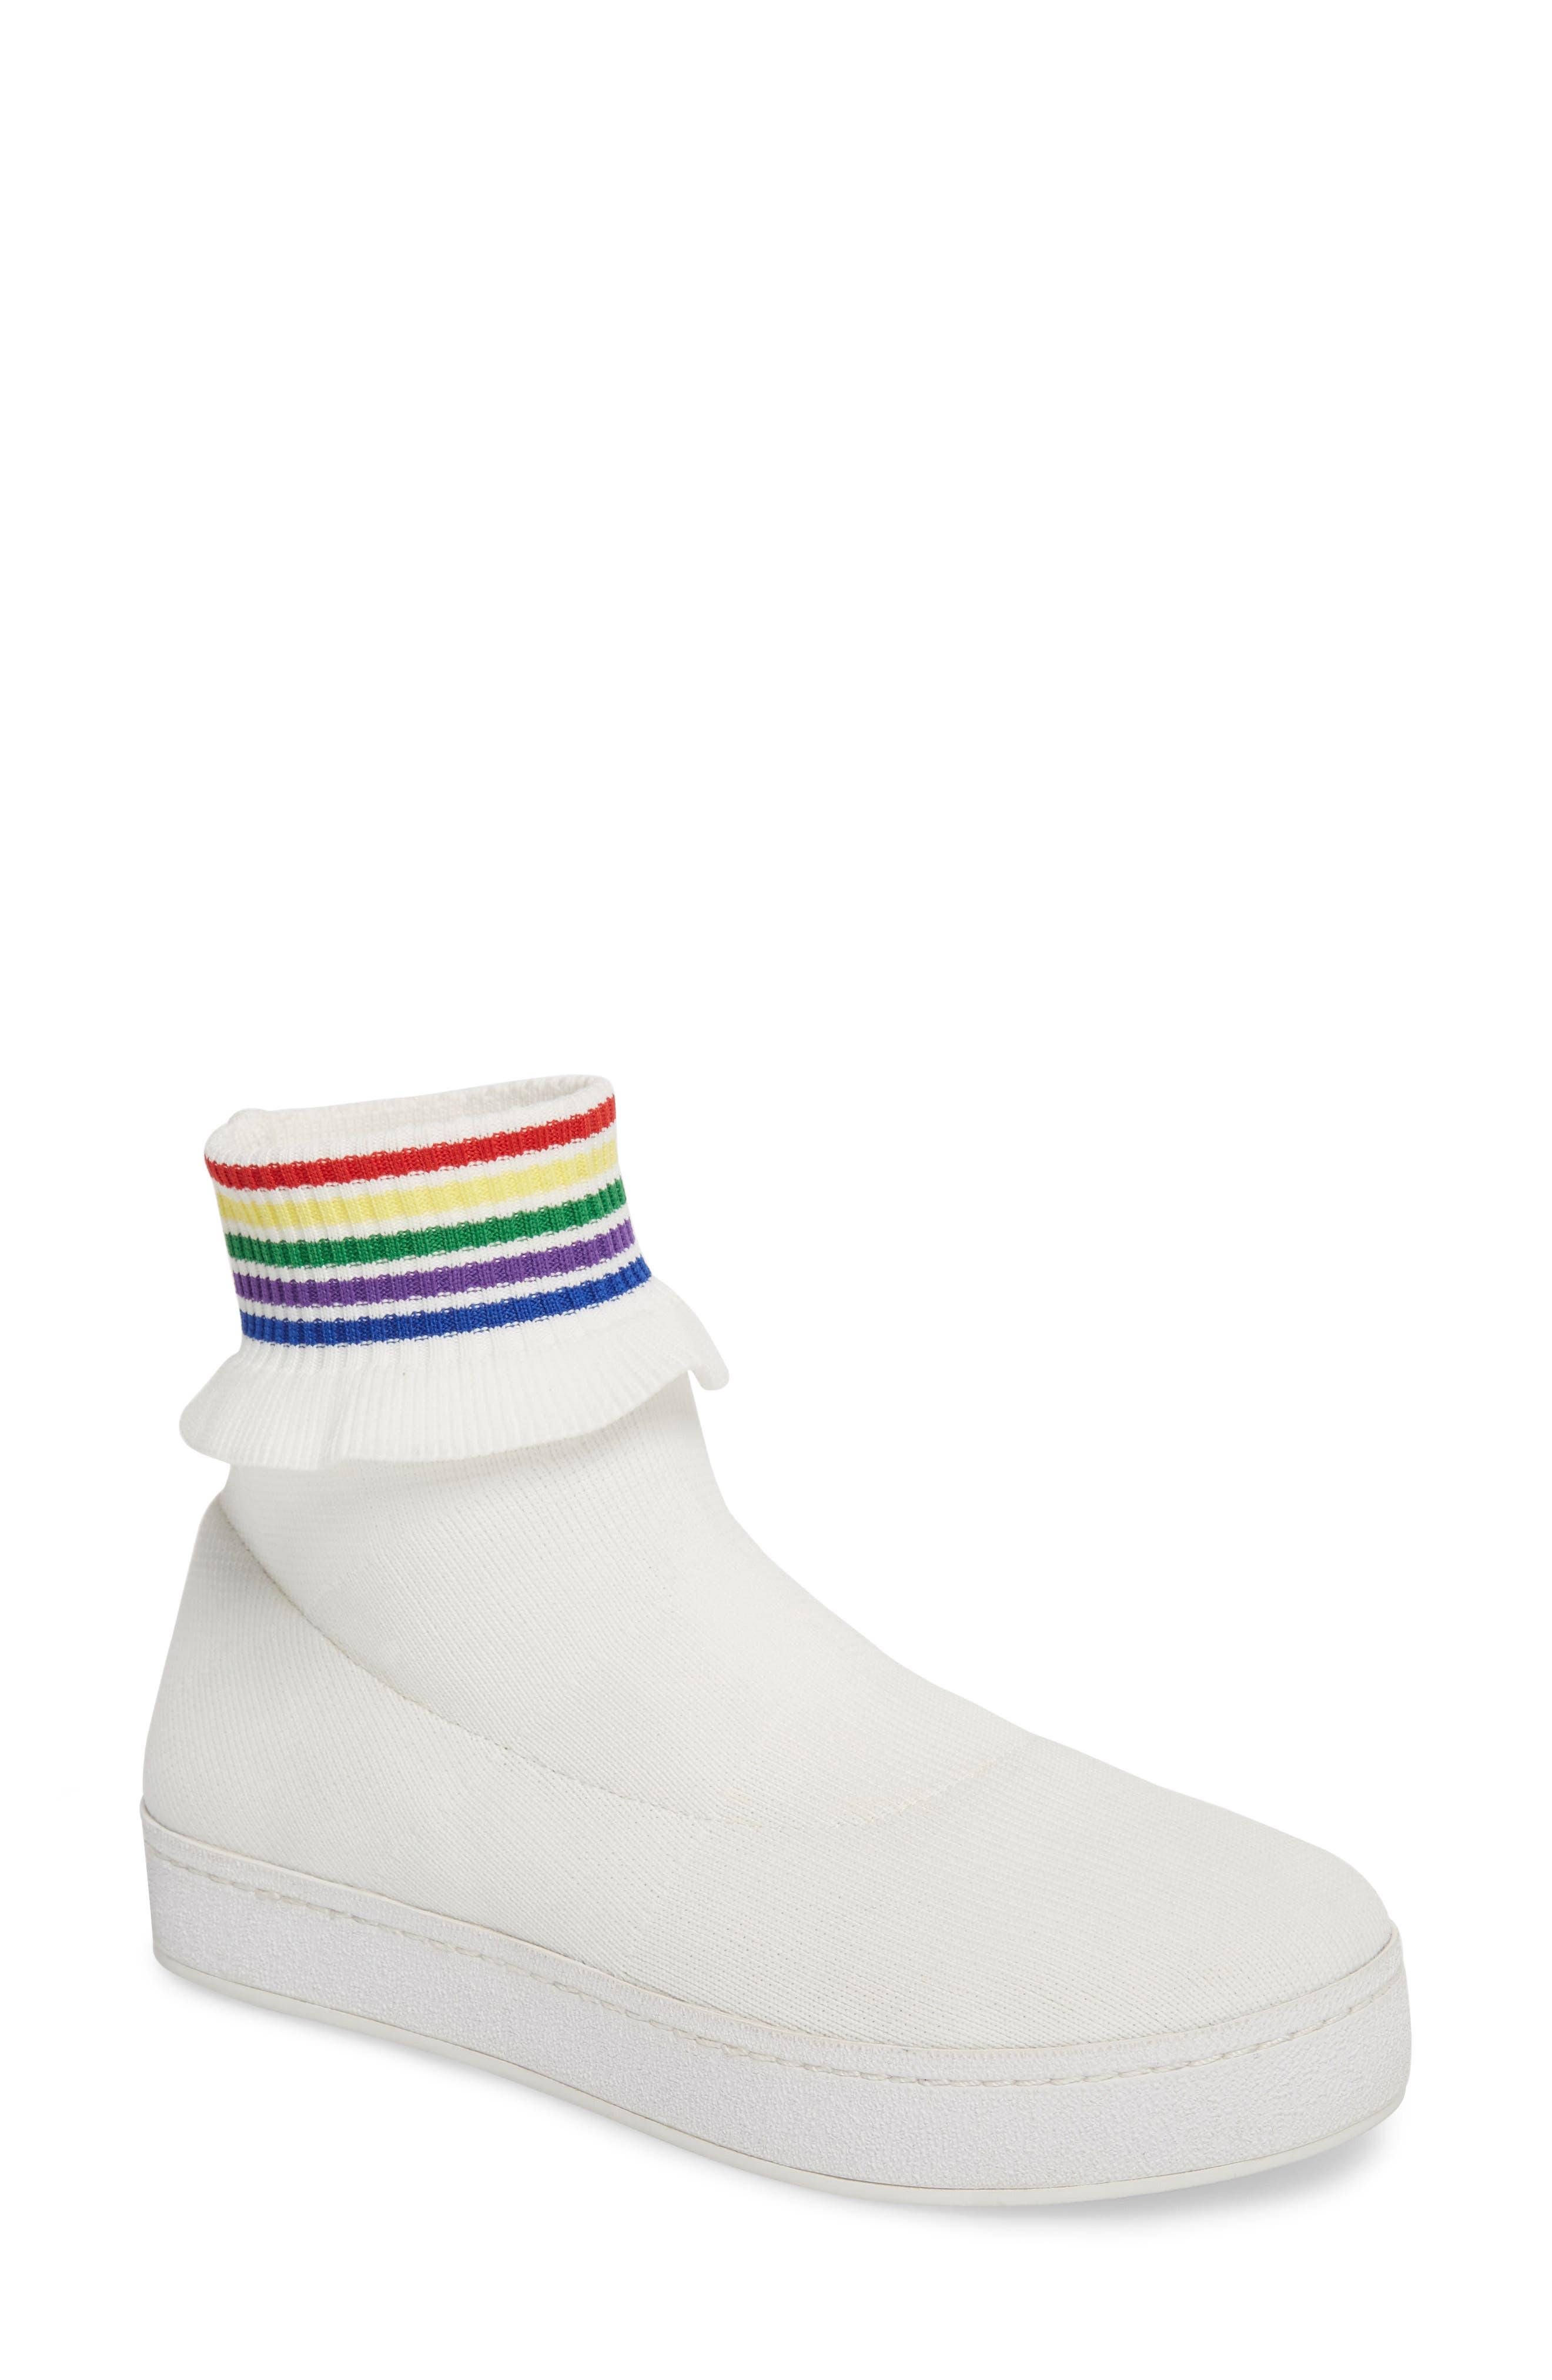 Alternate Image 1 Selected - Opening Ceremony Bobby Sock Knit Sneaker (Women)